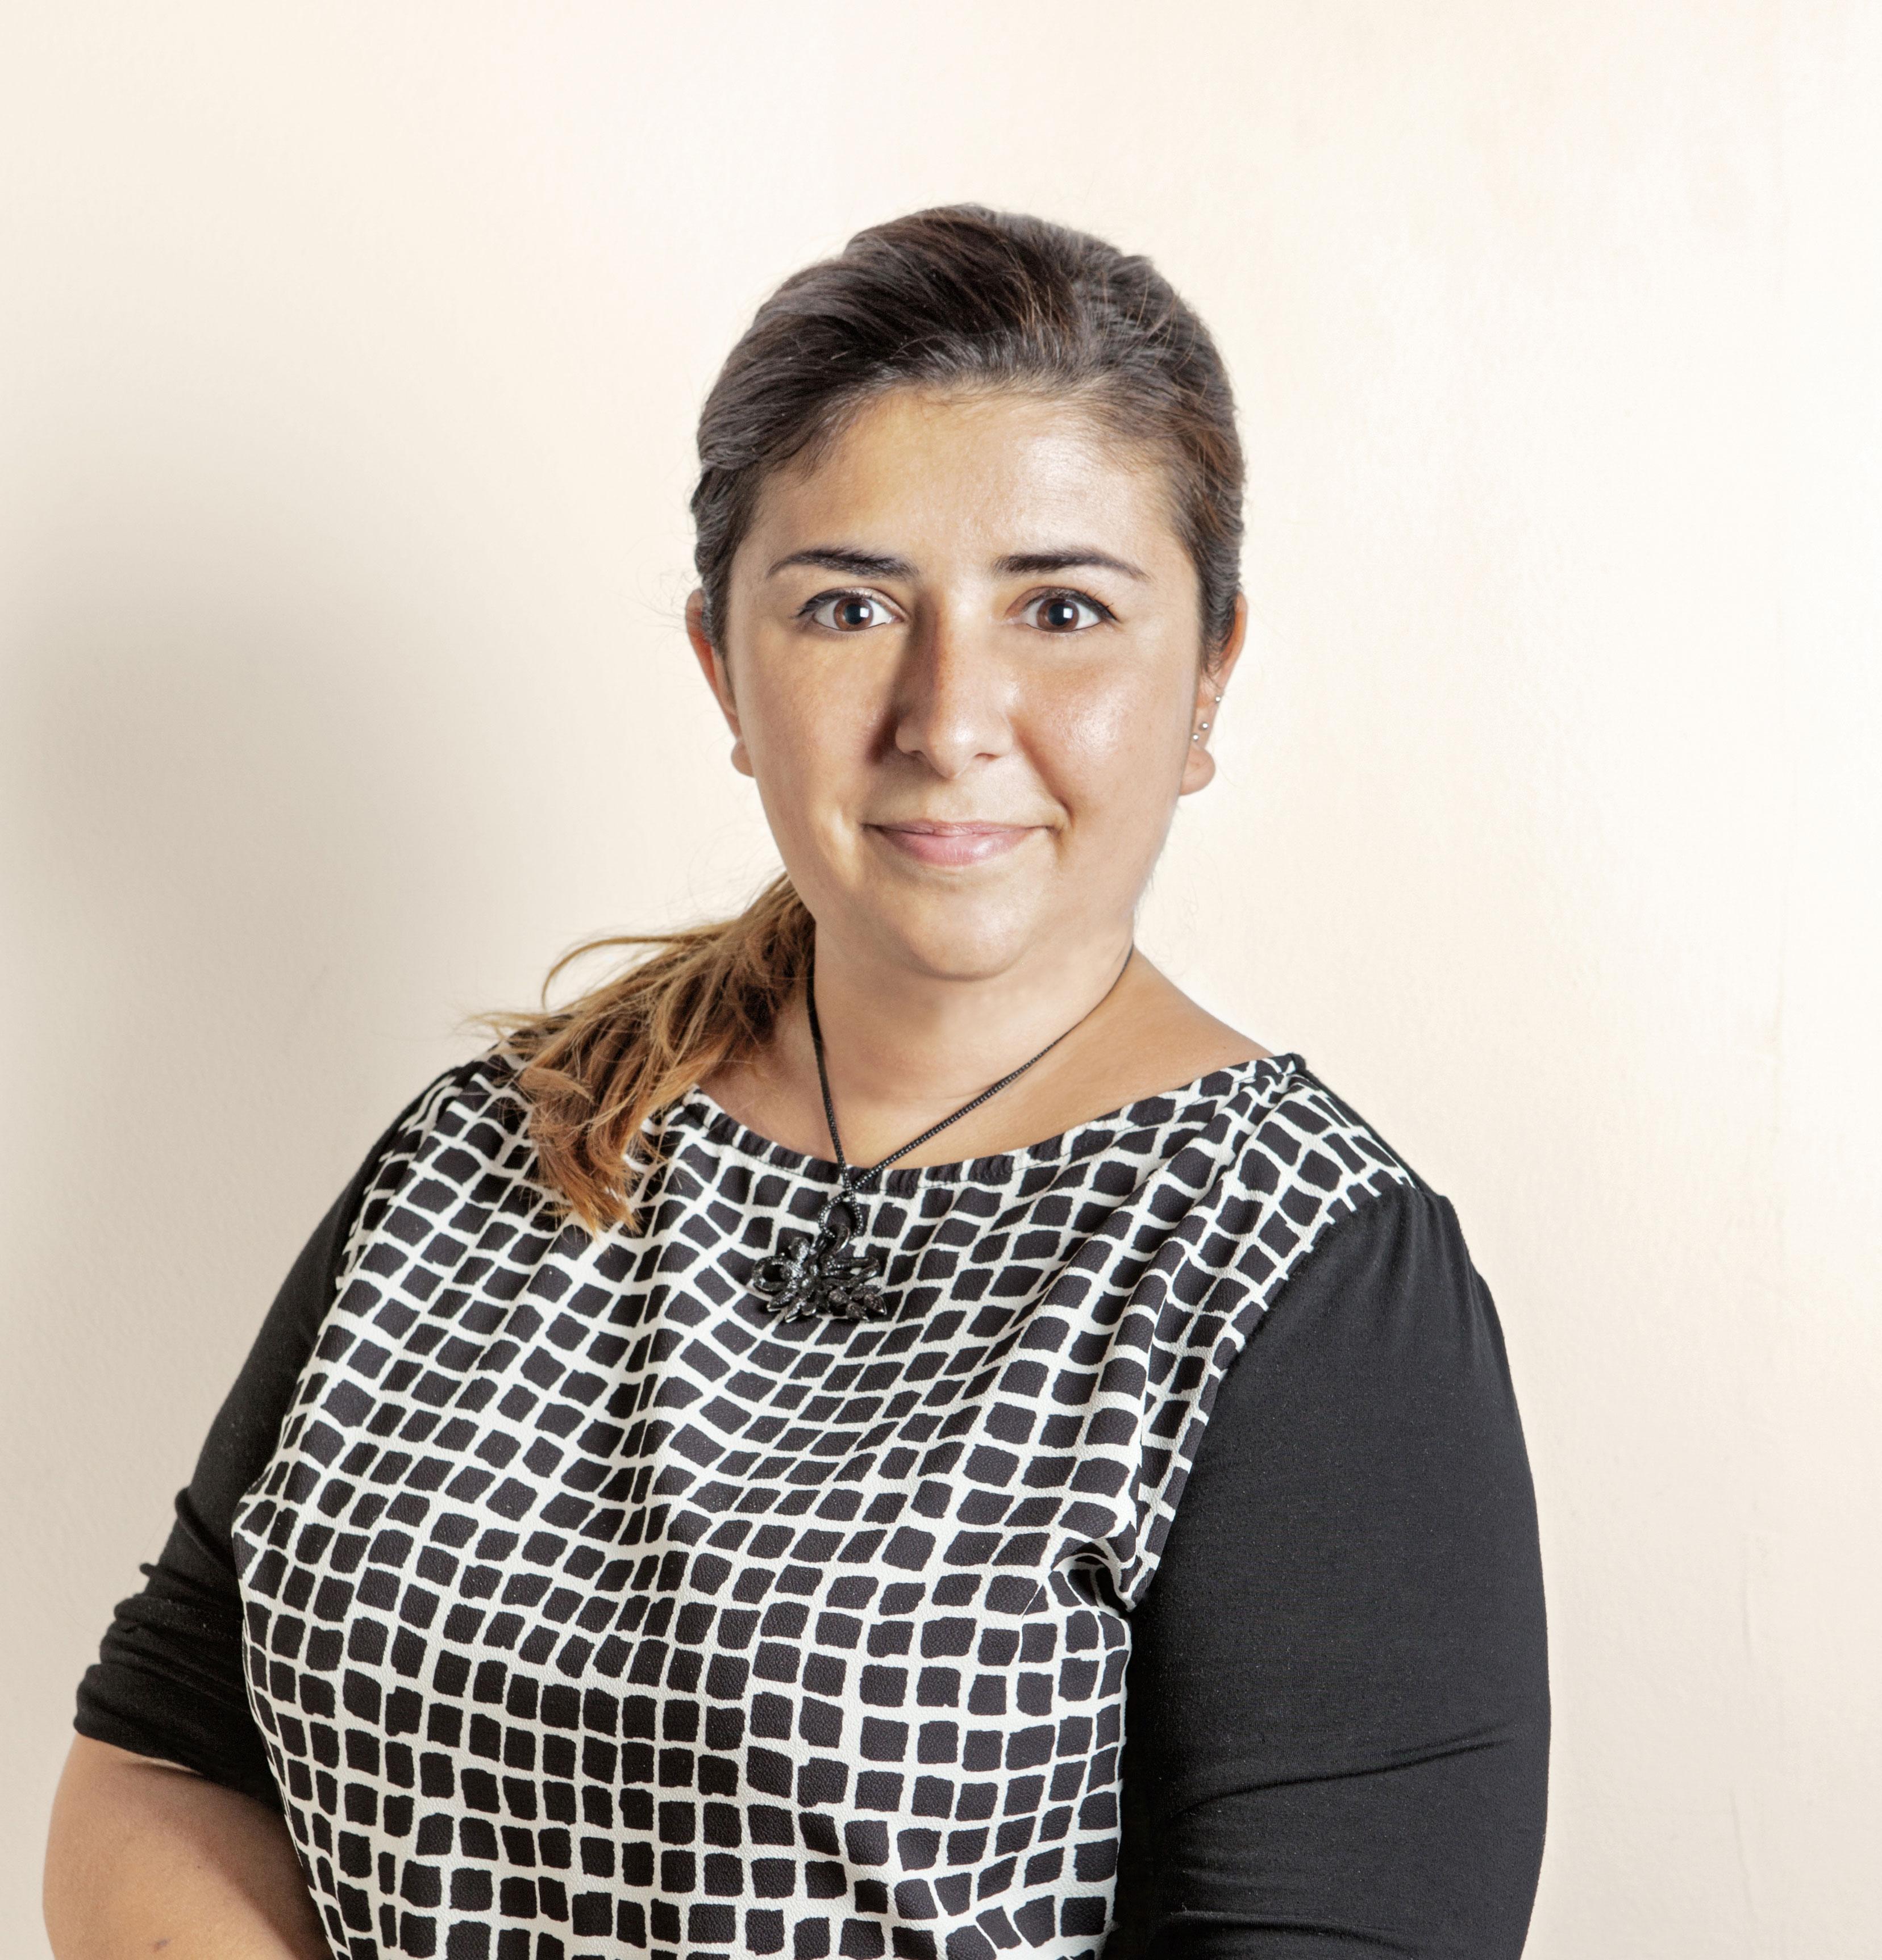 Chiara Campani